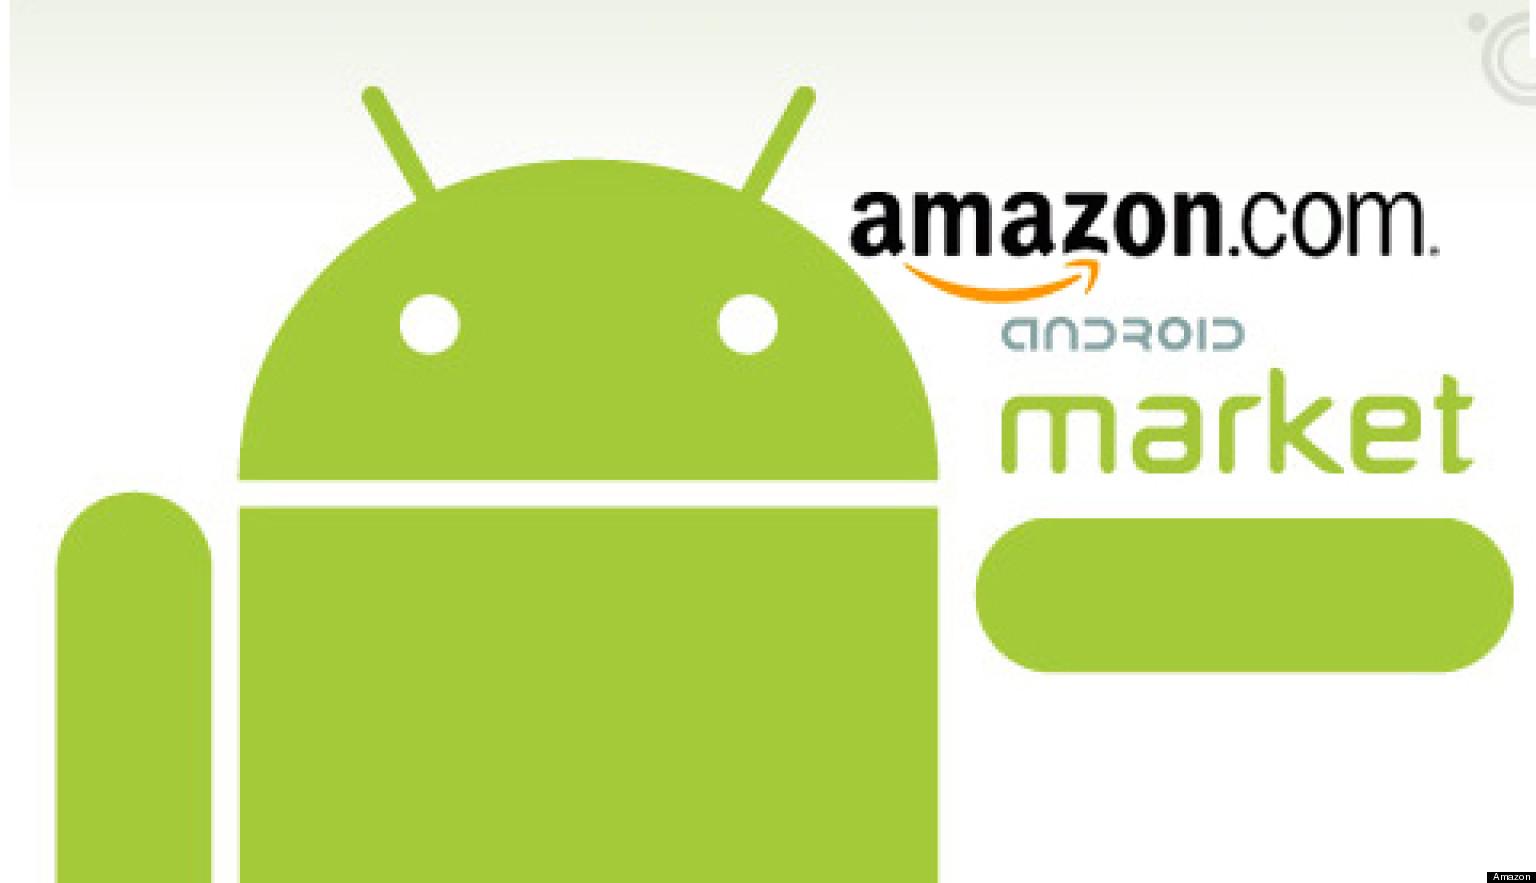 Amazon Appstore está a oferecer mais de €70 em aplicações 1